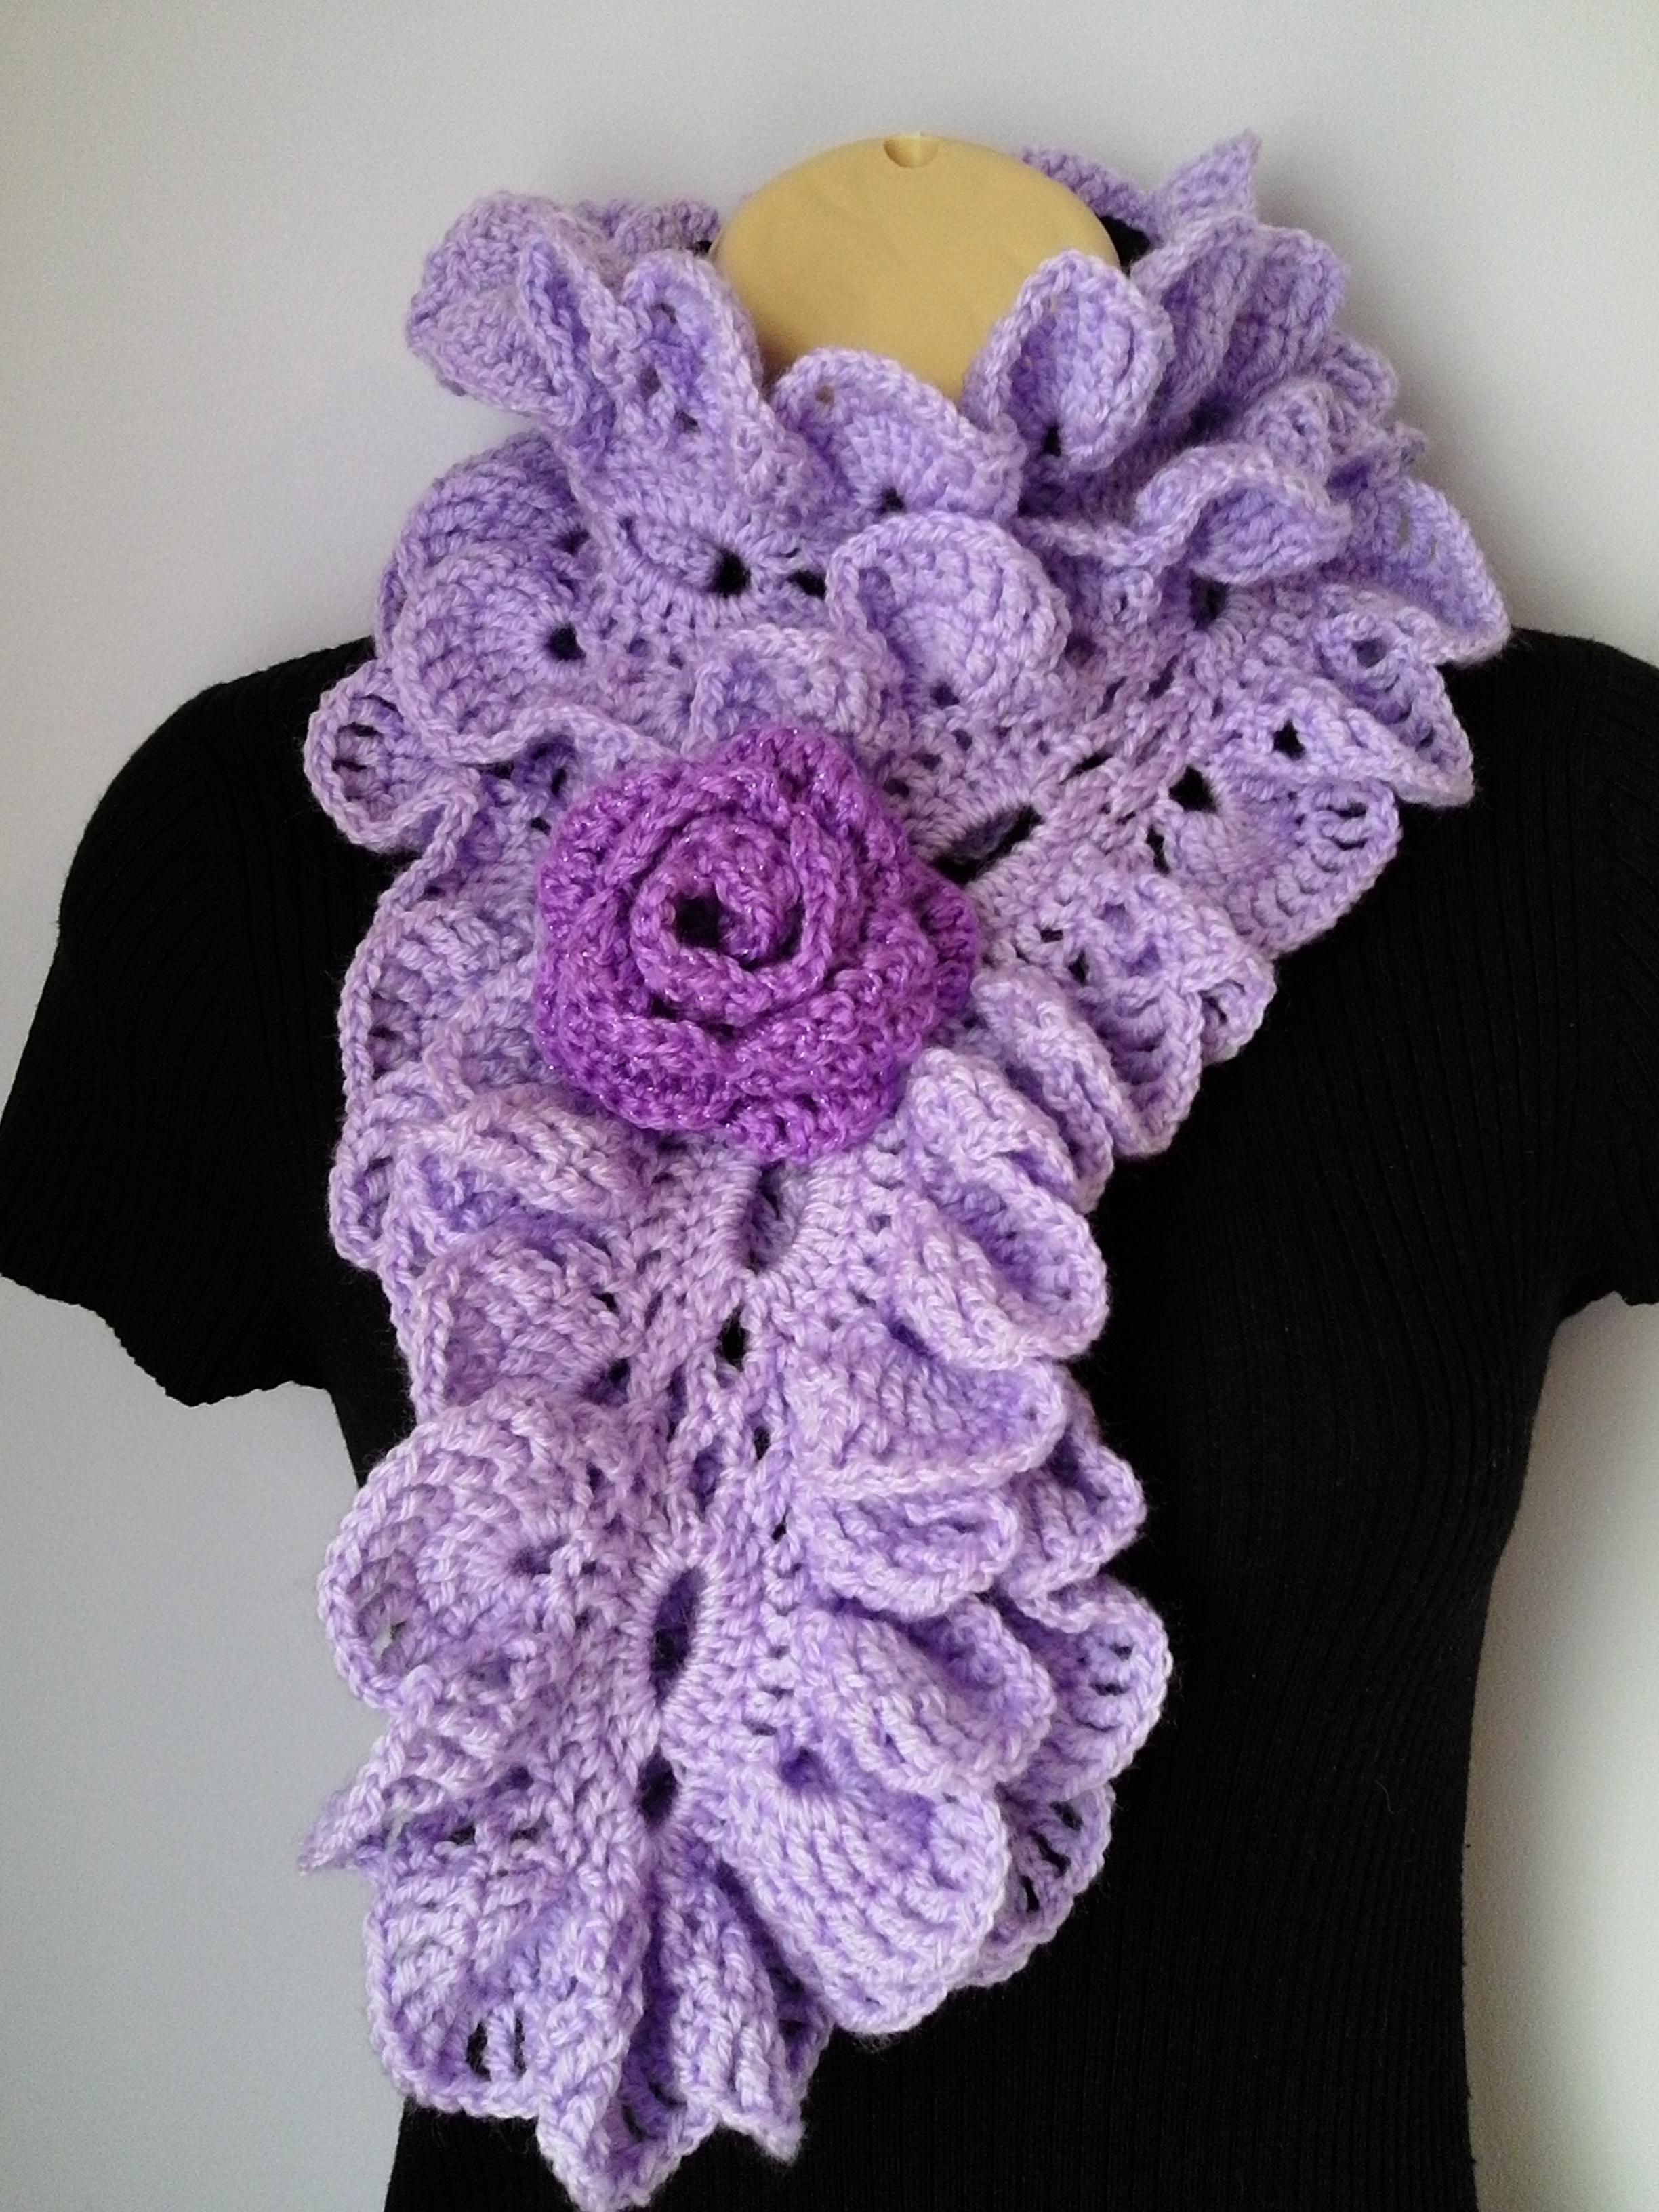 Crochet Scarf With Flower Brooch Neckwarmer Ruffle